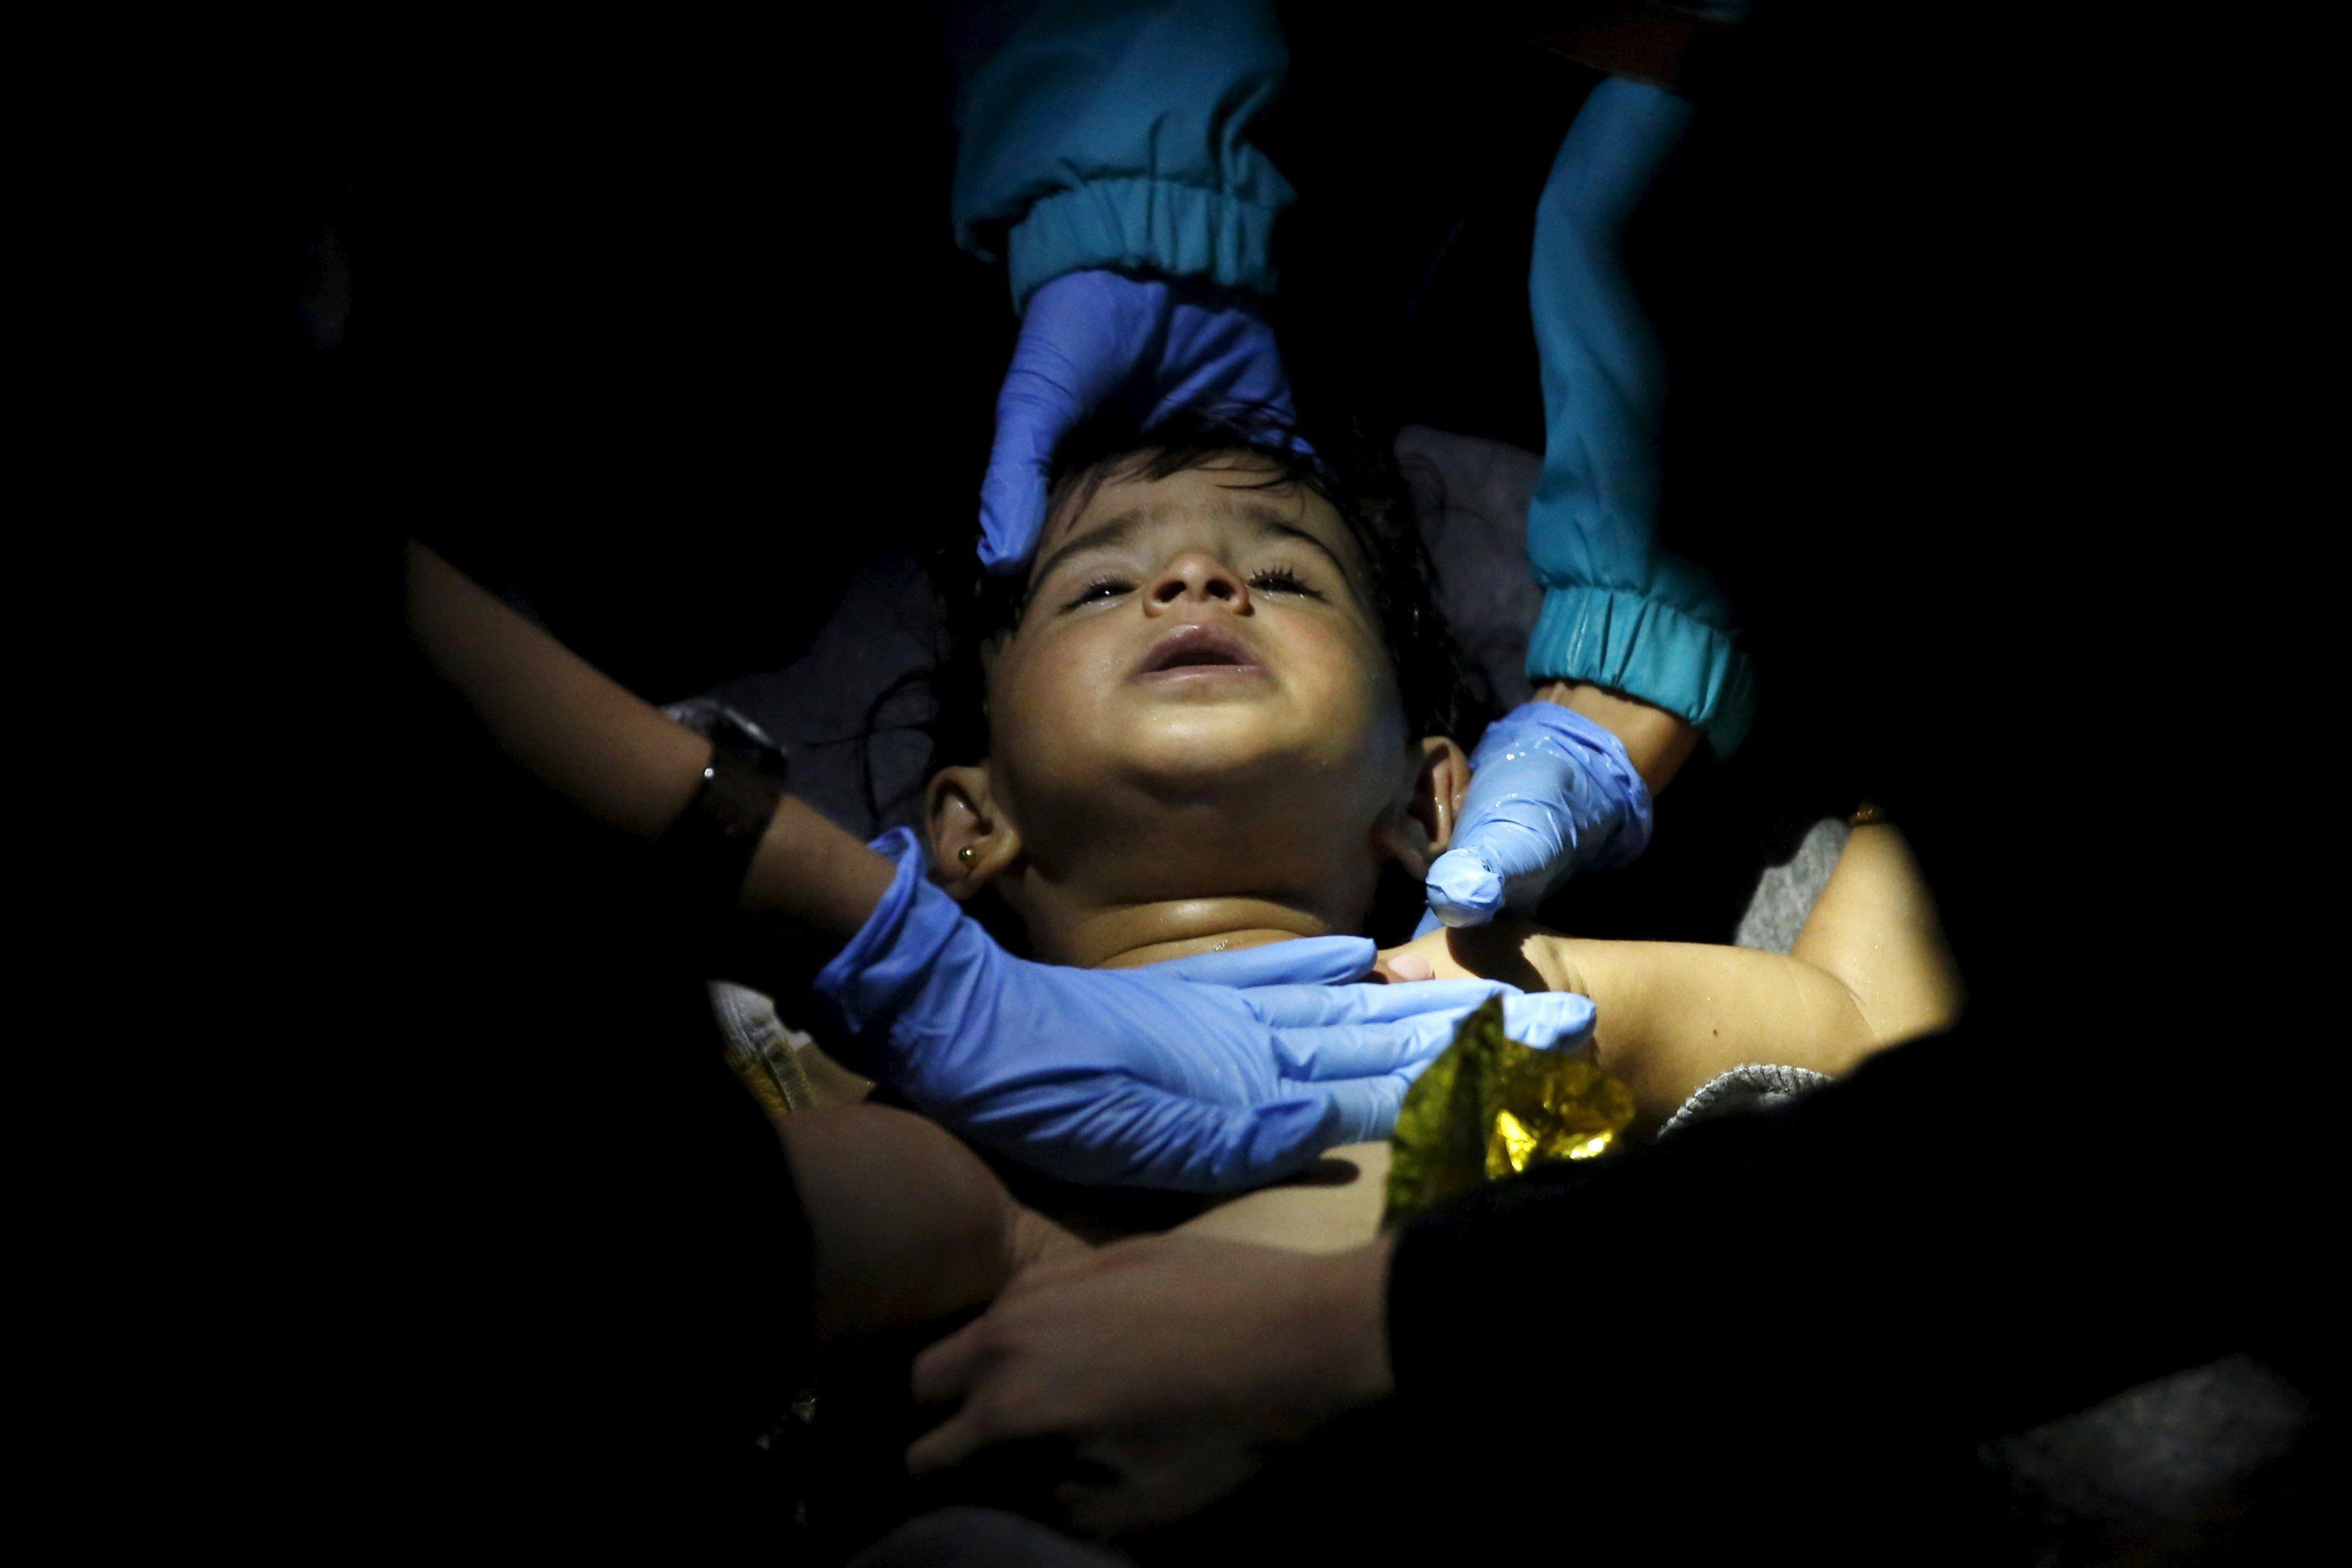 Медики и спасатели откачивают спасенного малыша